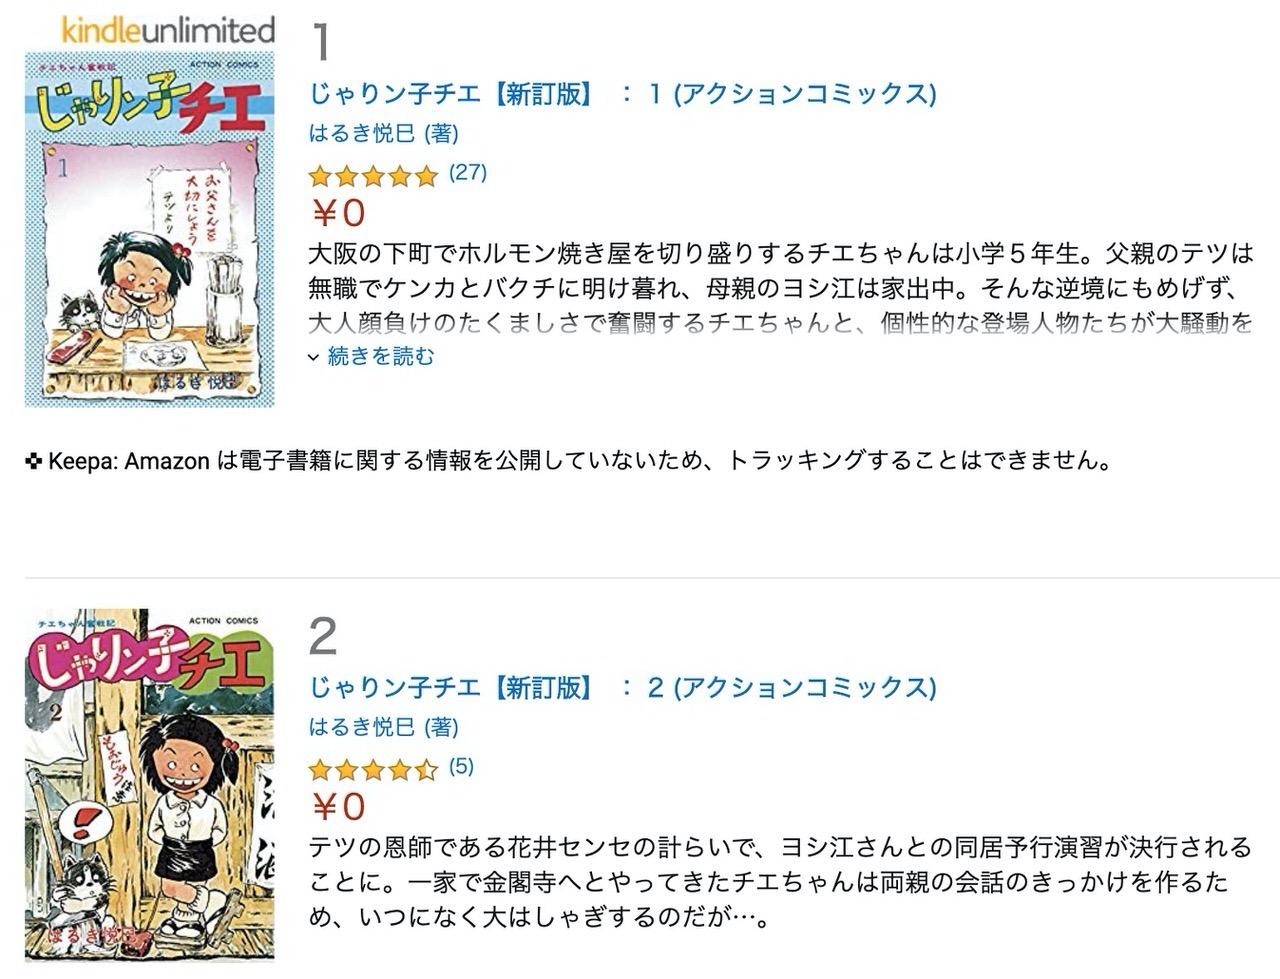 【Kindleセール】「じゃりン子チエ」1〜10巻が0円に!